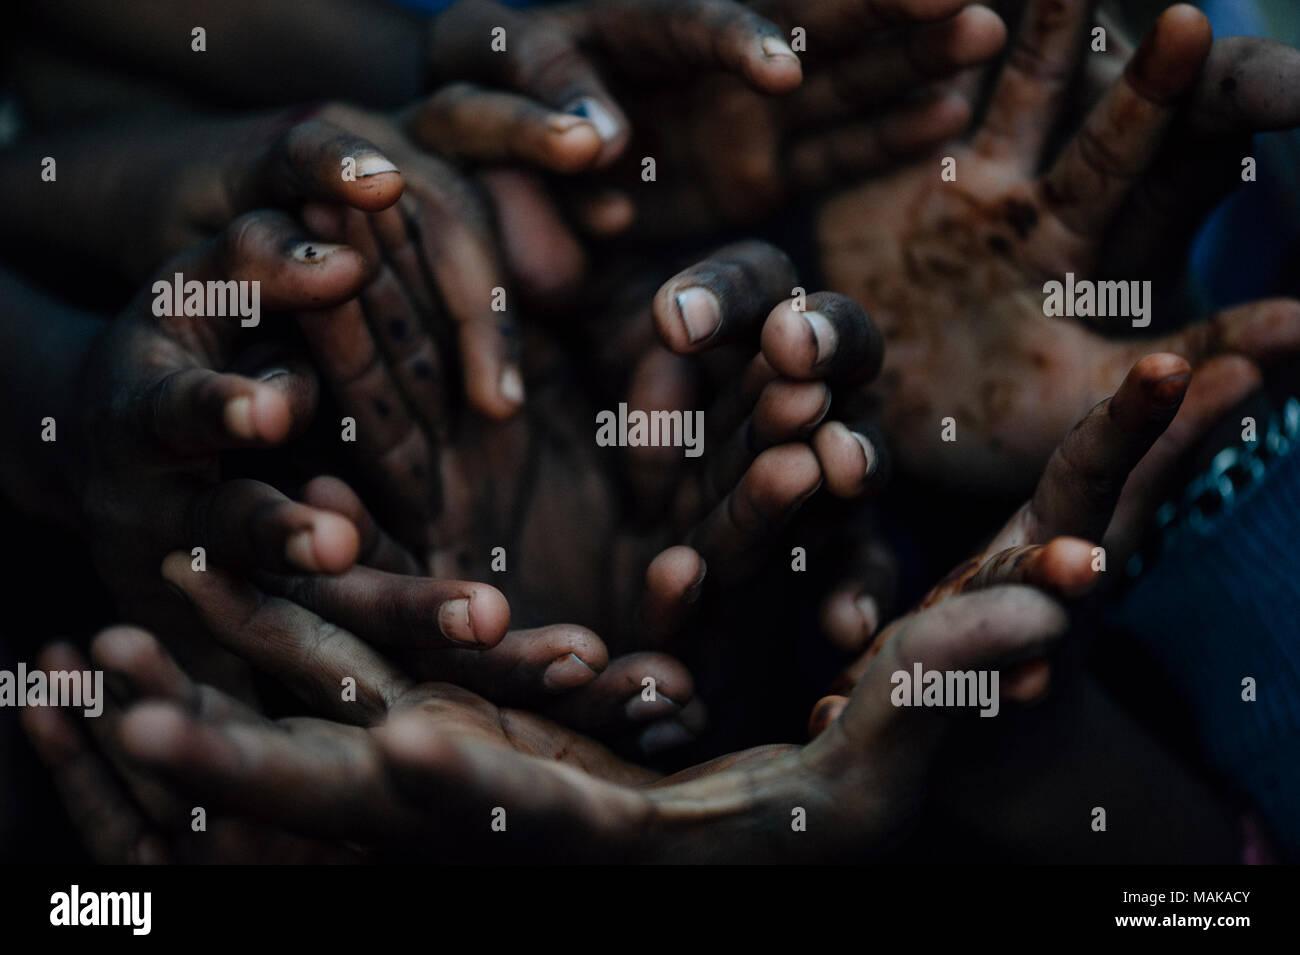 Hands of children in India - Stock Image